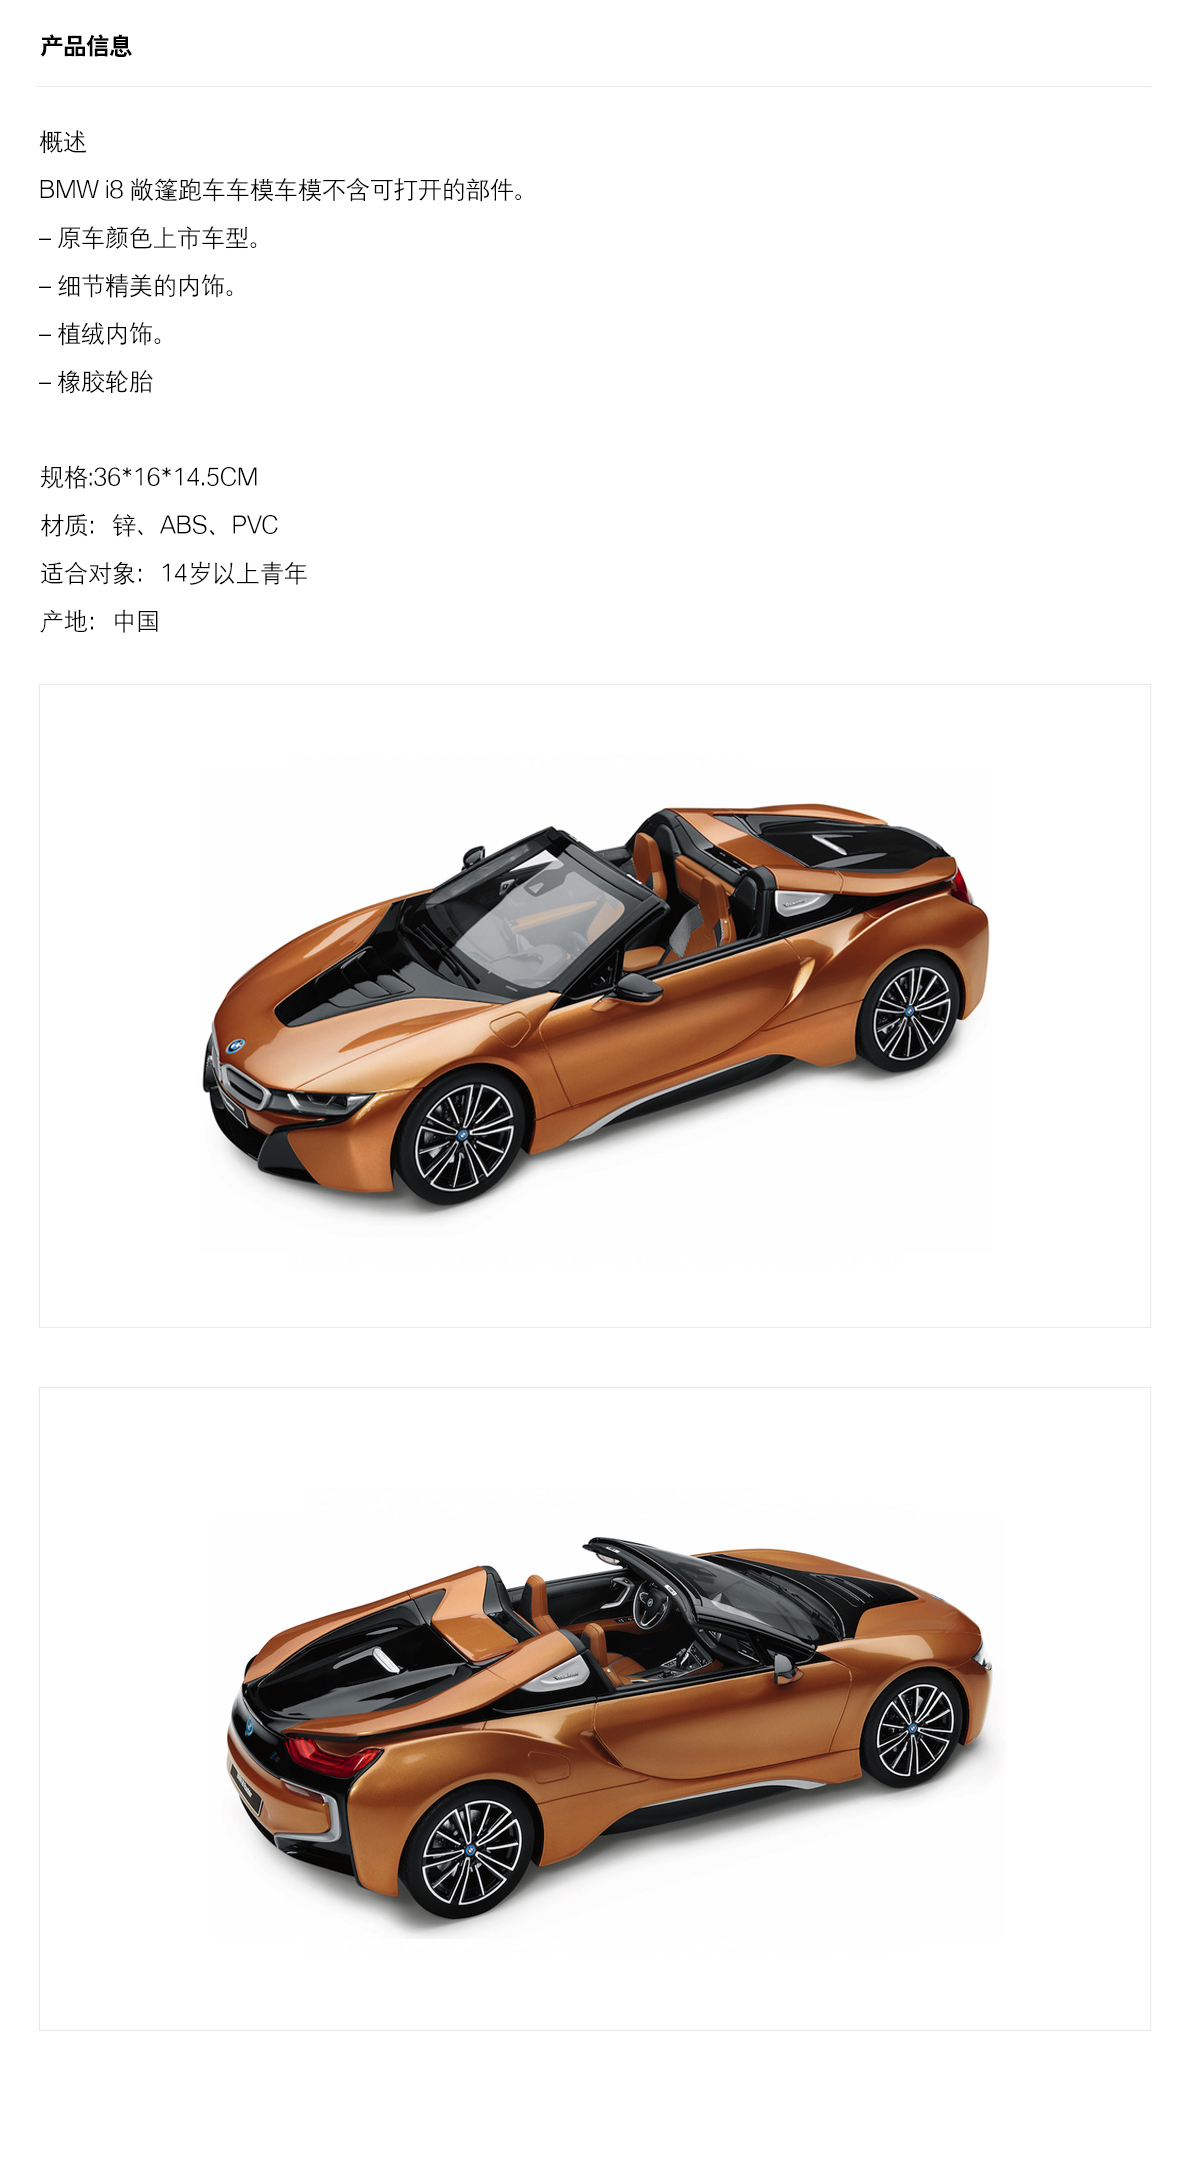 车模 BMW i8敞篷跑车车模 1:18